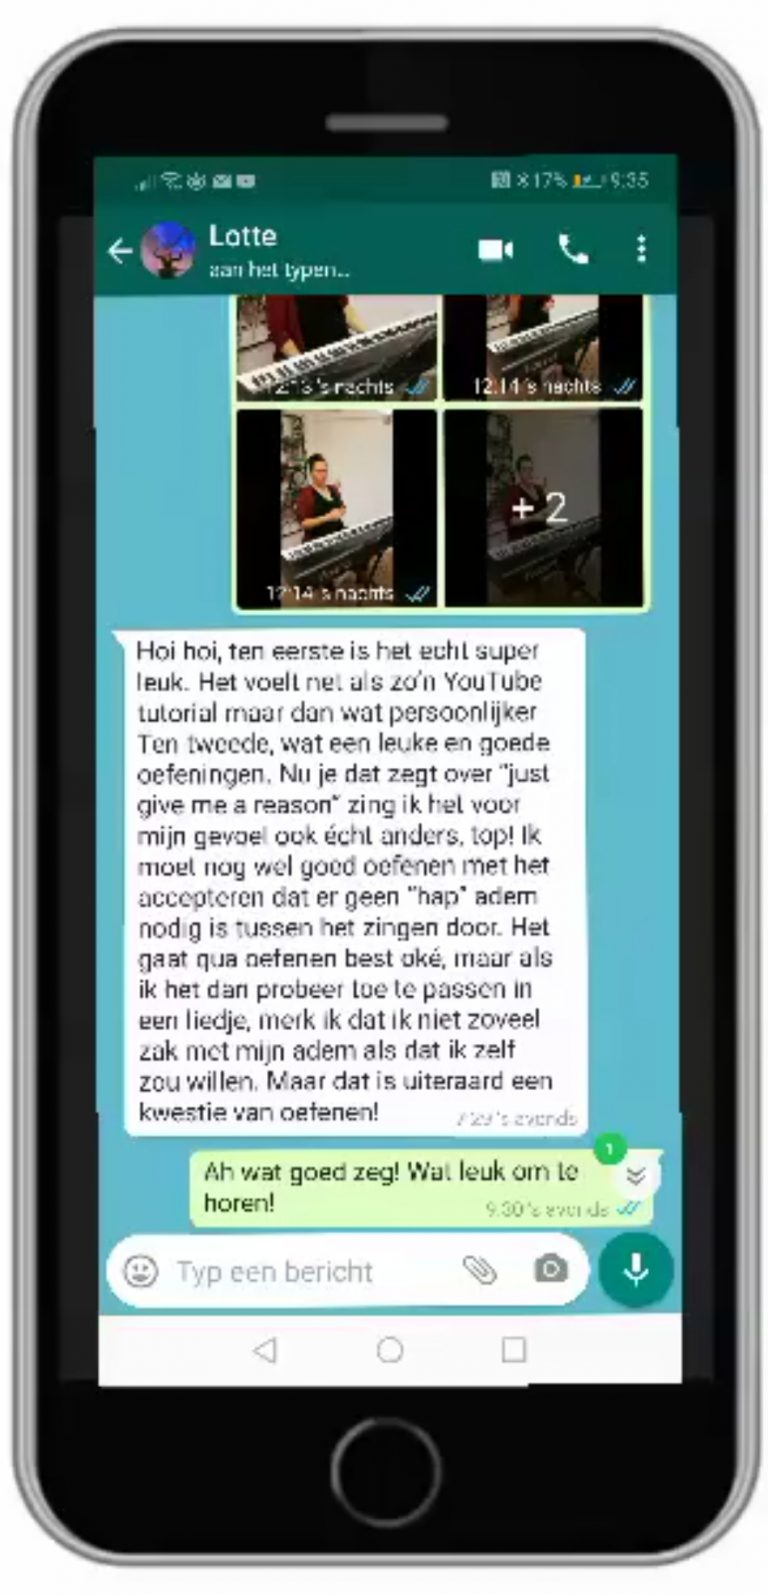 WhatsApp zangles testimonial Lotte